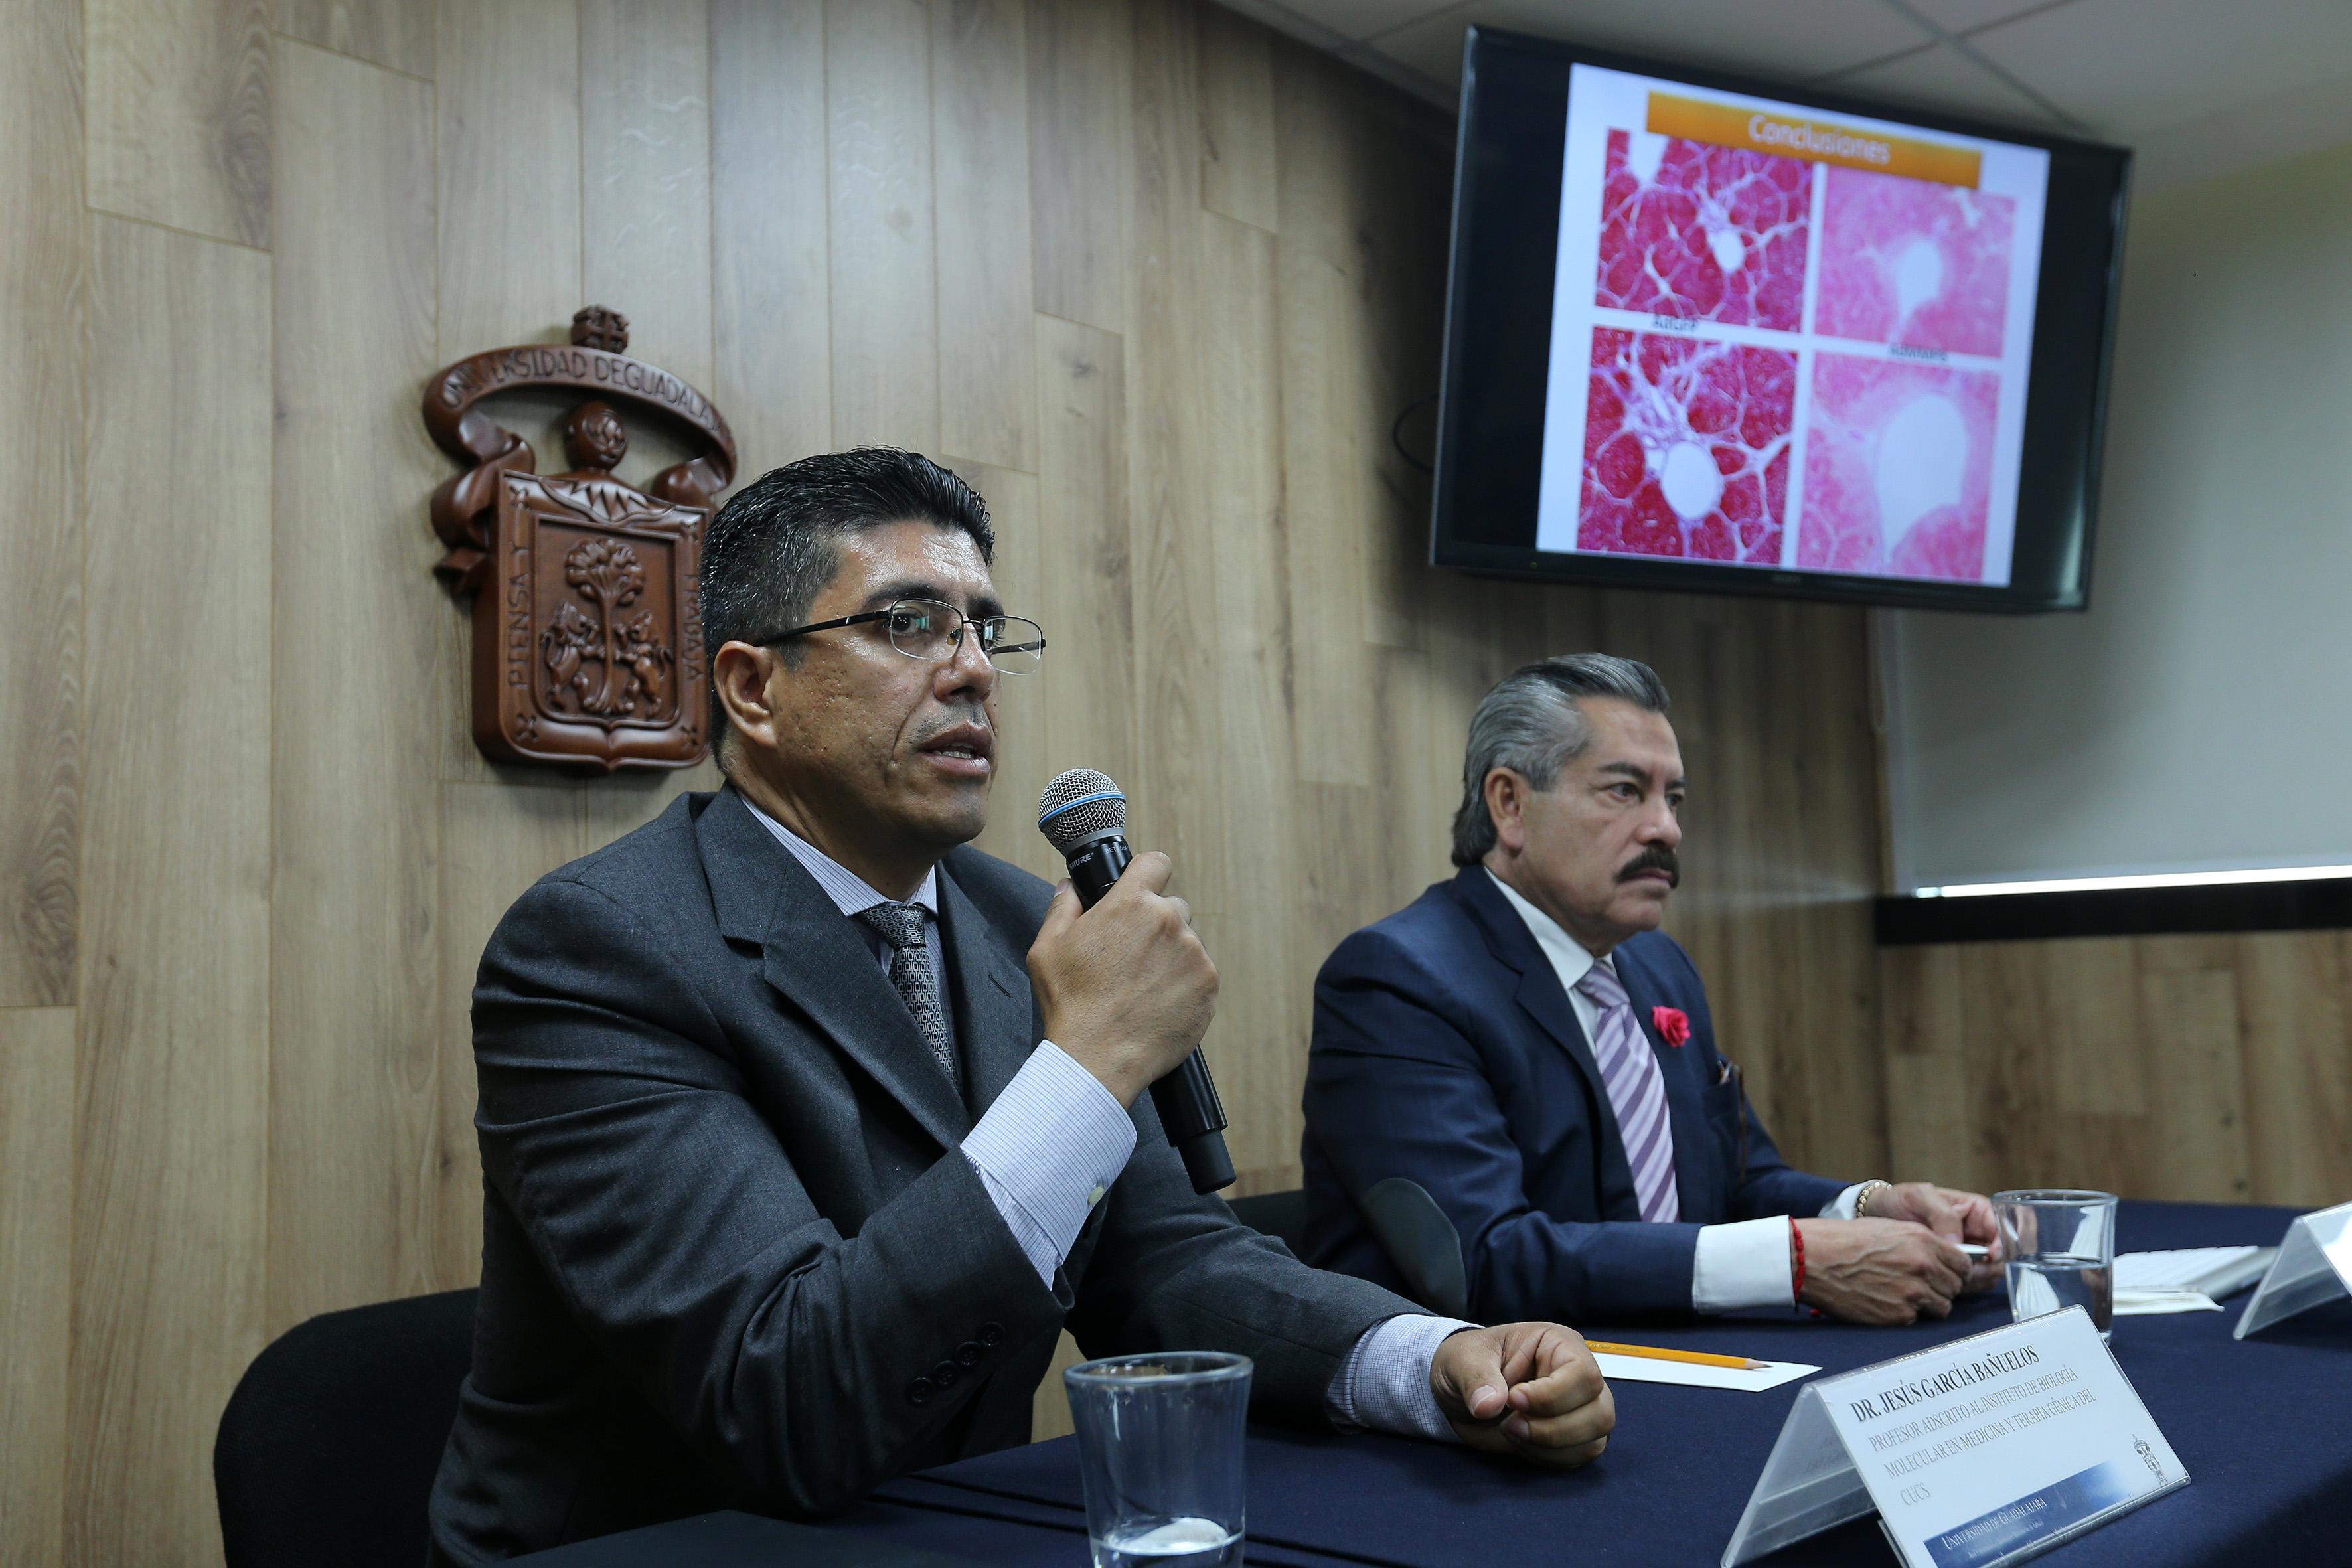 Dr. Juan García Bañuelos al micrófono